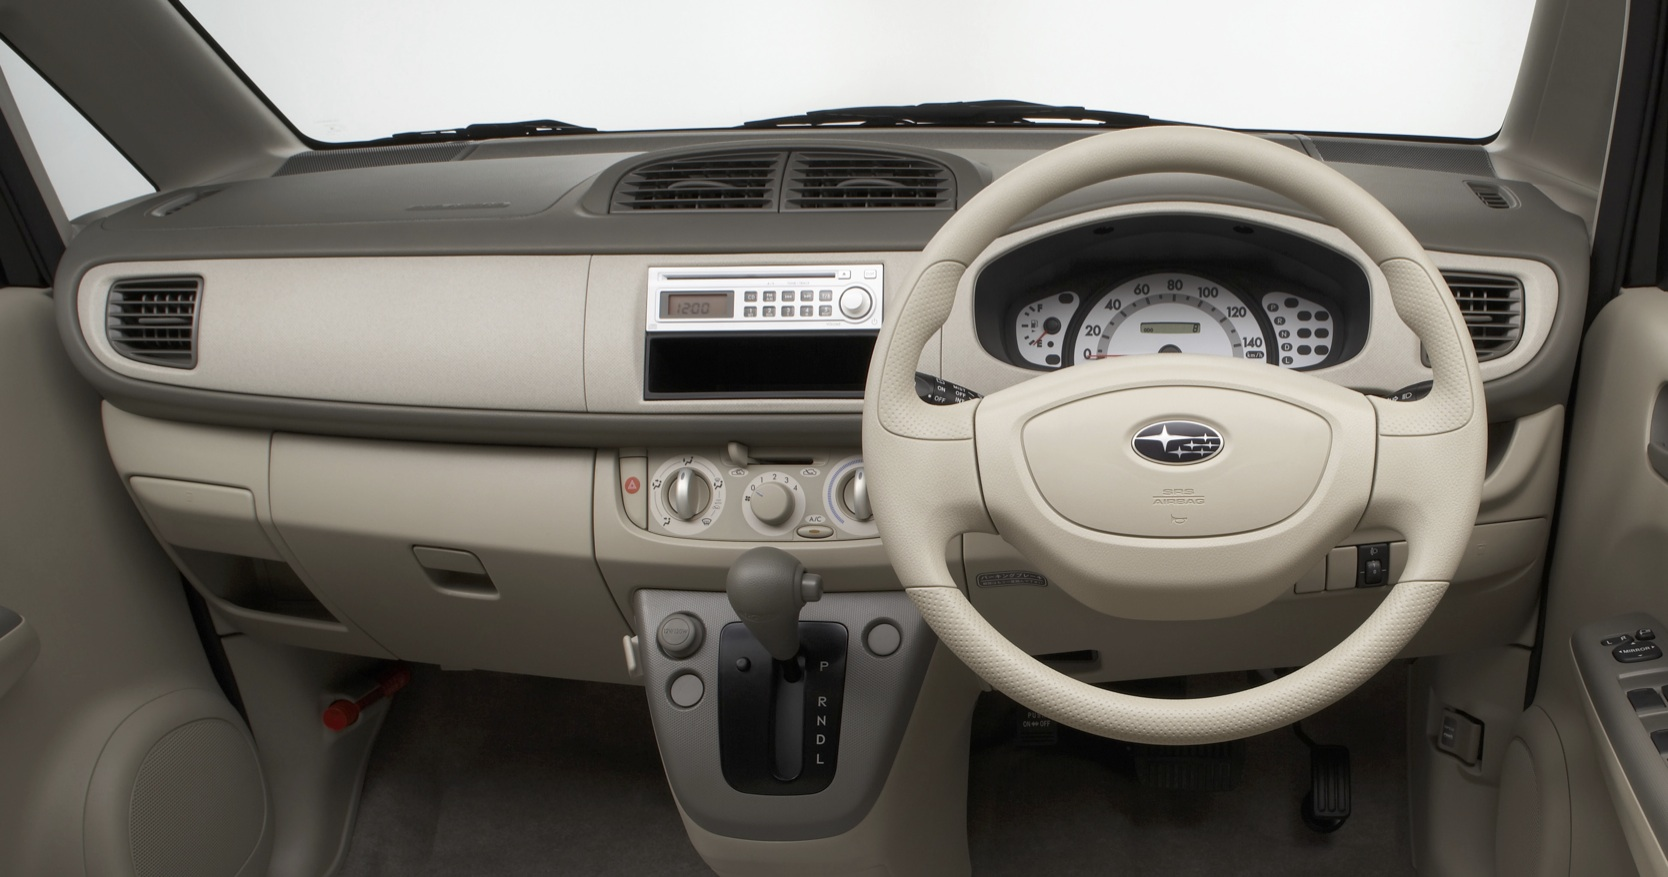 Subaru Stella I 2006 - 2011 Microvan #2